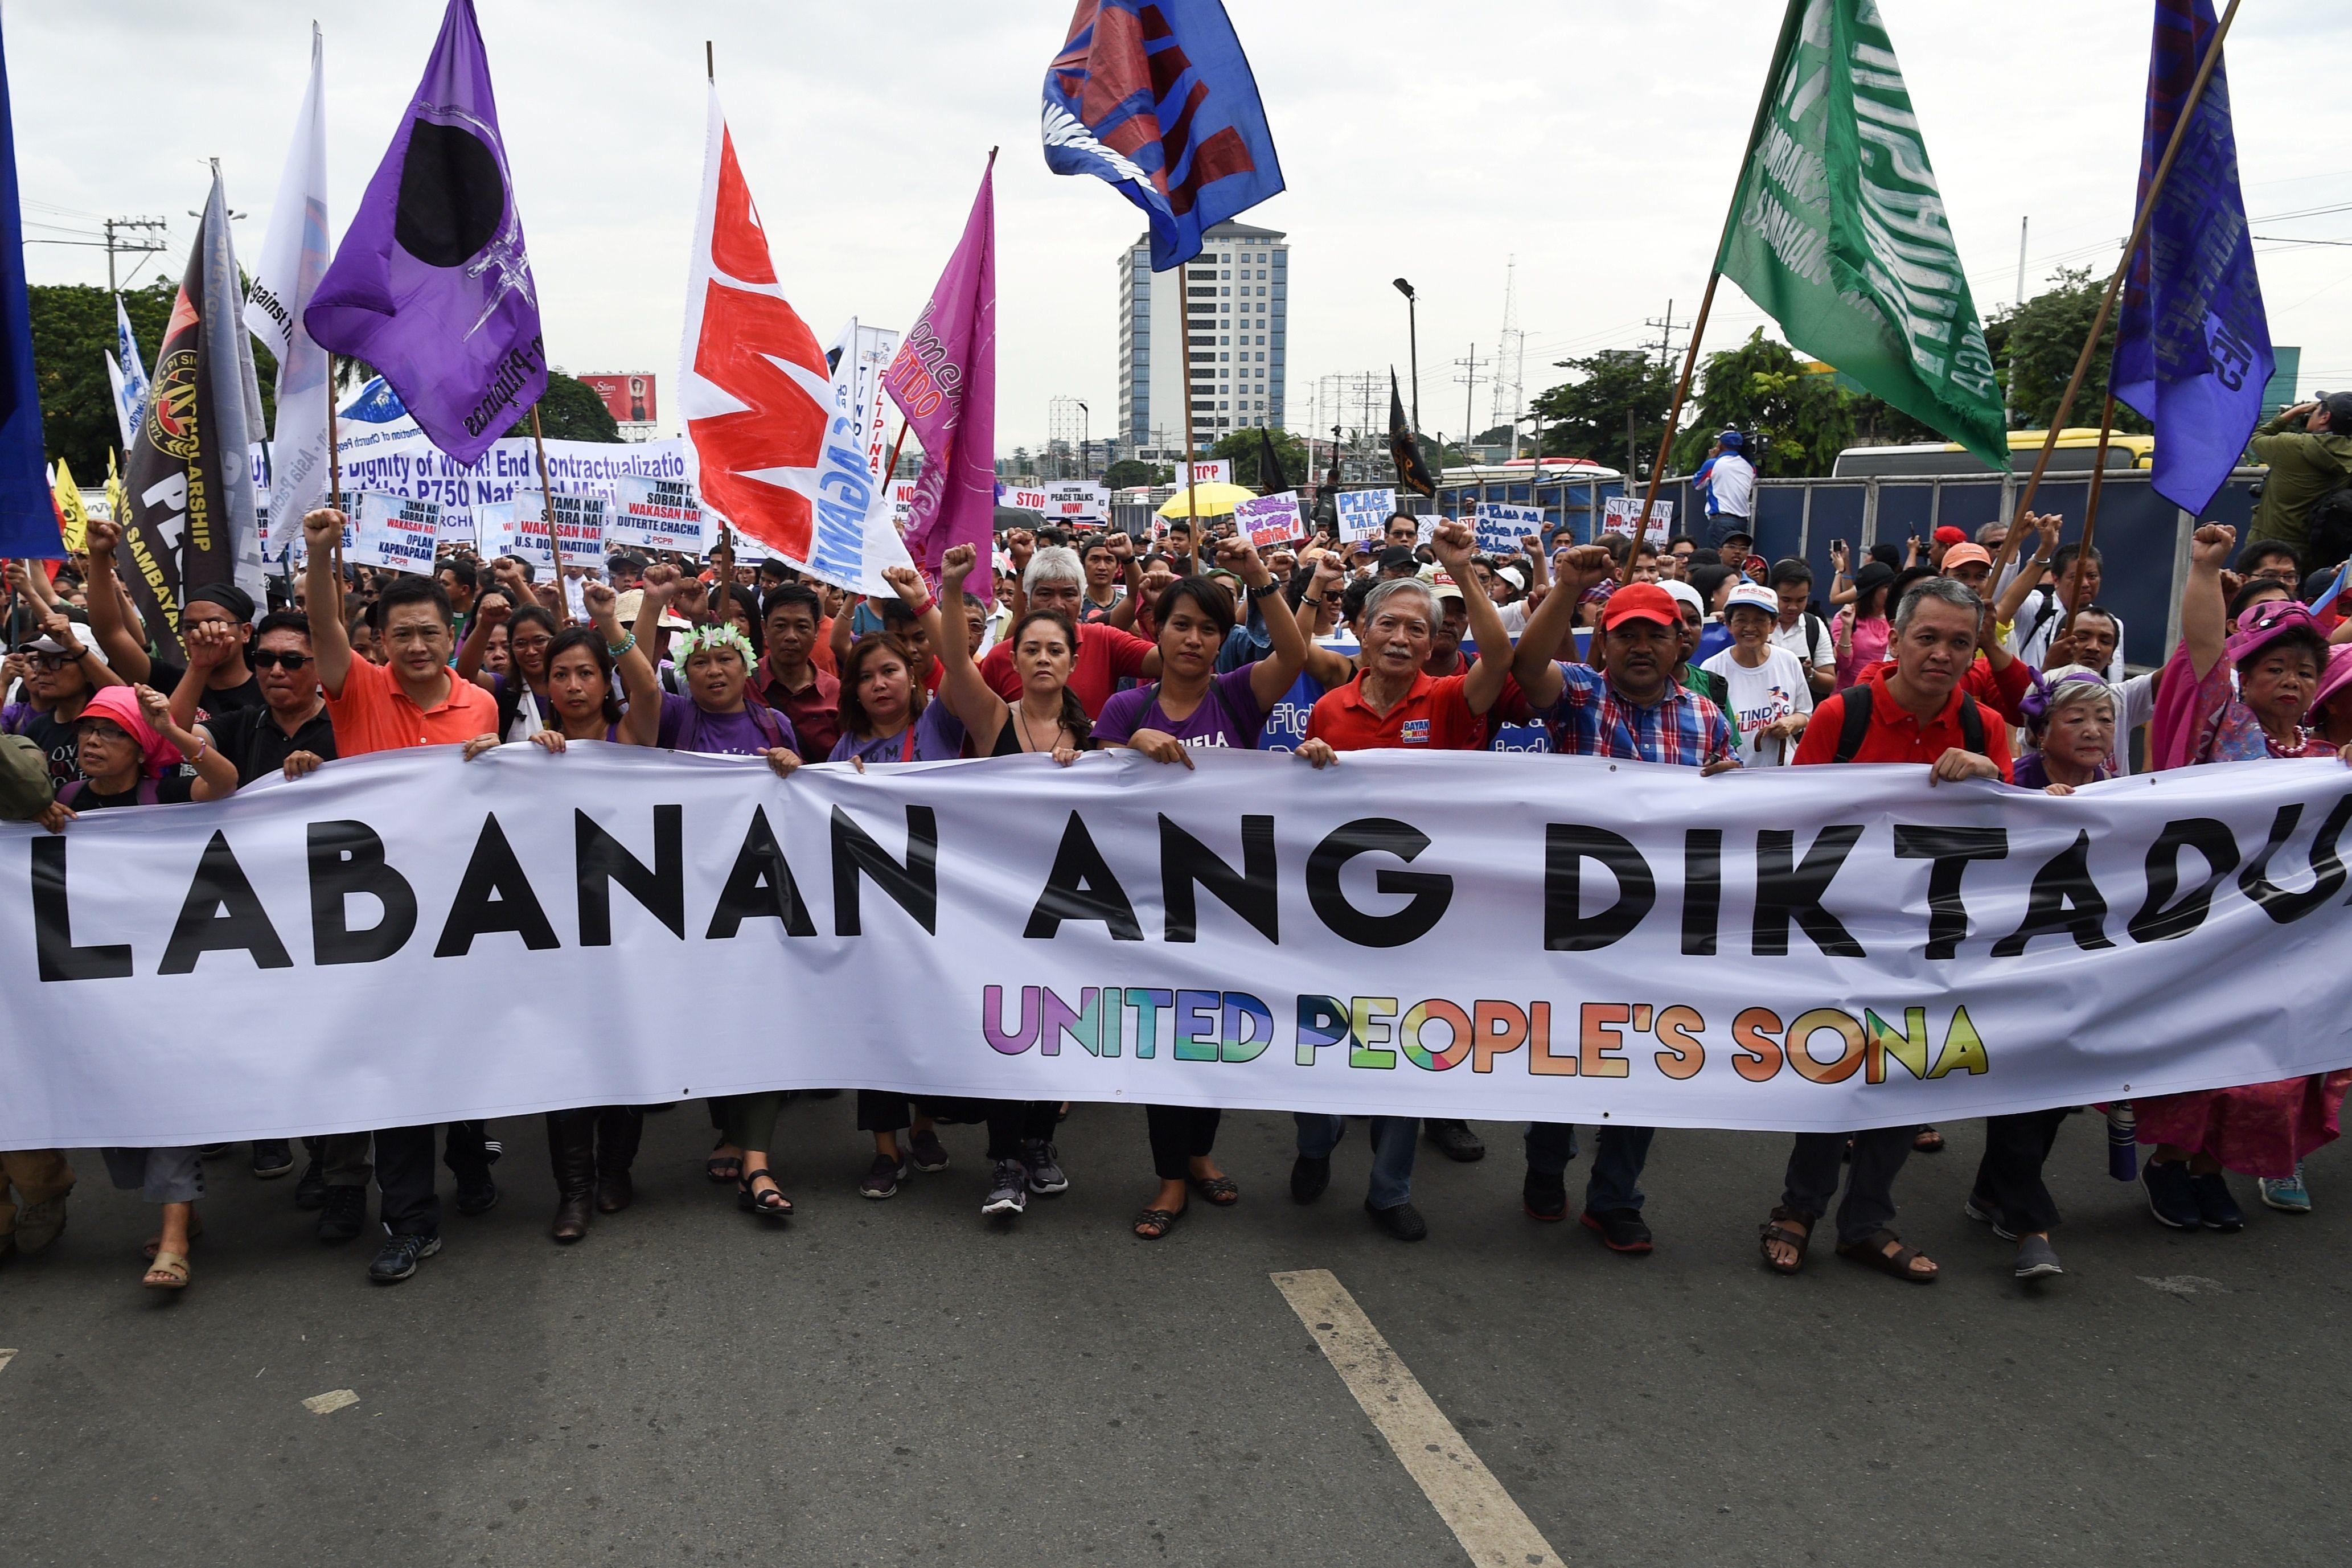 مسيرة حاشدة فى الفلبين